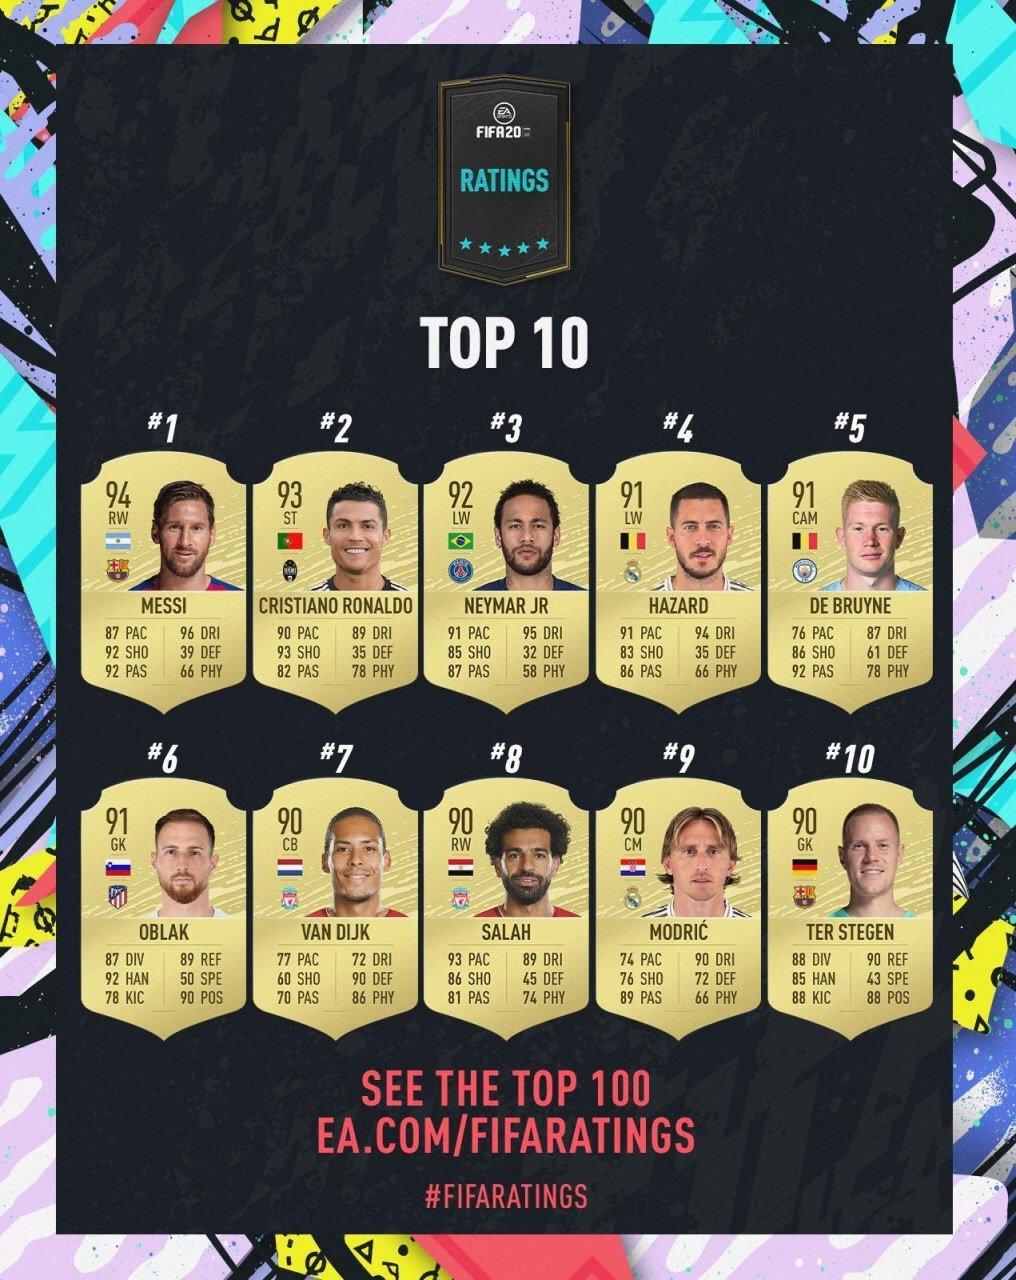 FIFA 20: стали известны рейтинги сильнейших игроков - с Месси во главе - изображение 1